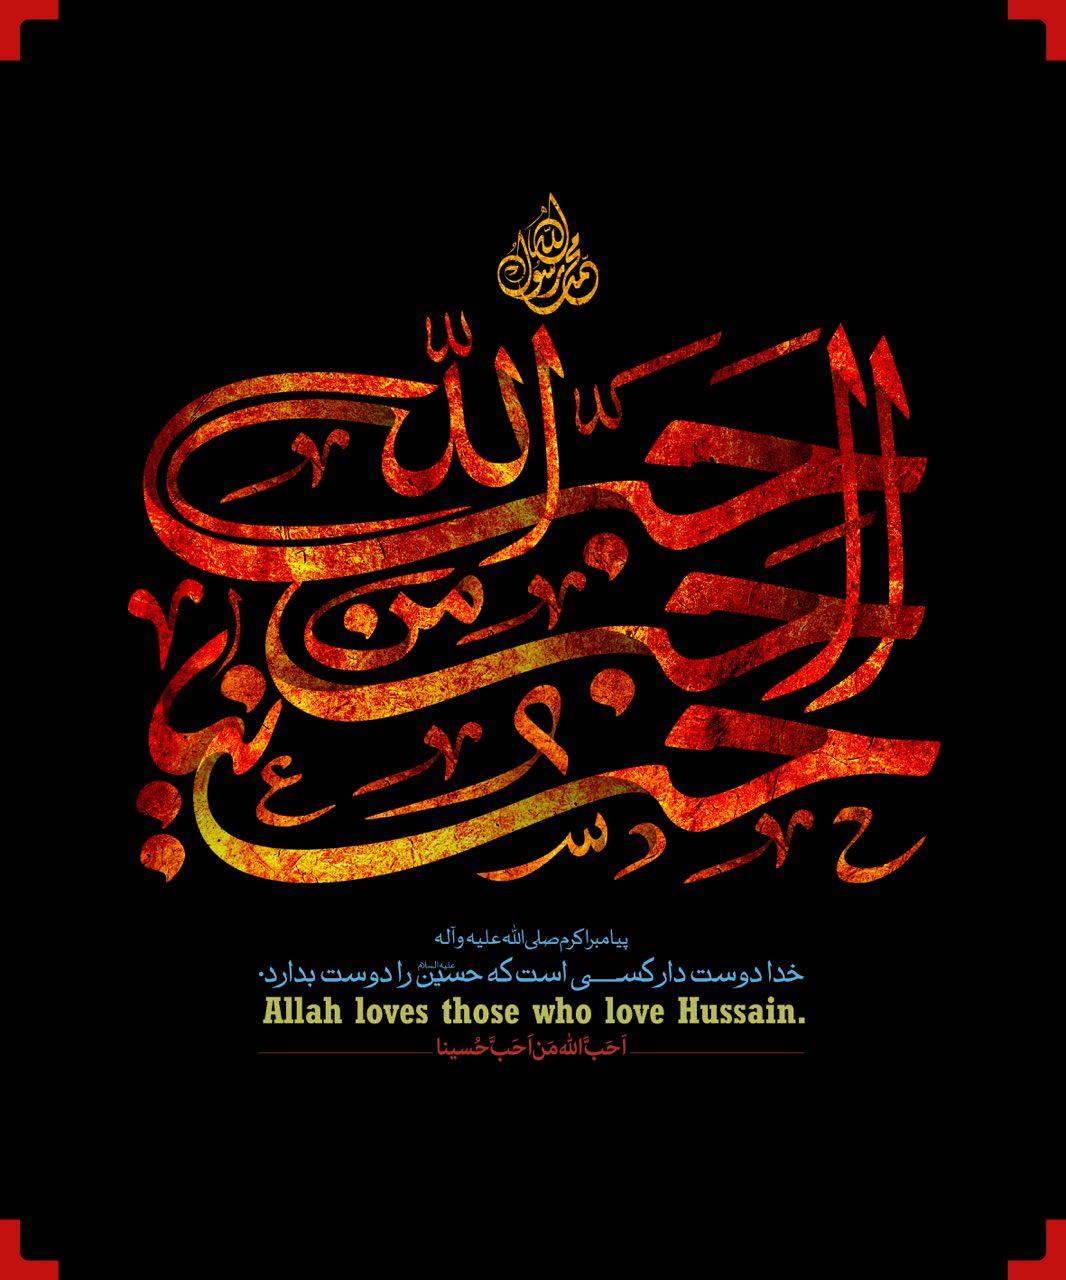 پوستر اربعین 96 رونمایی شد / «احب الله من احب حسینا»